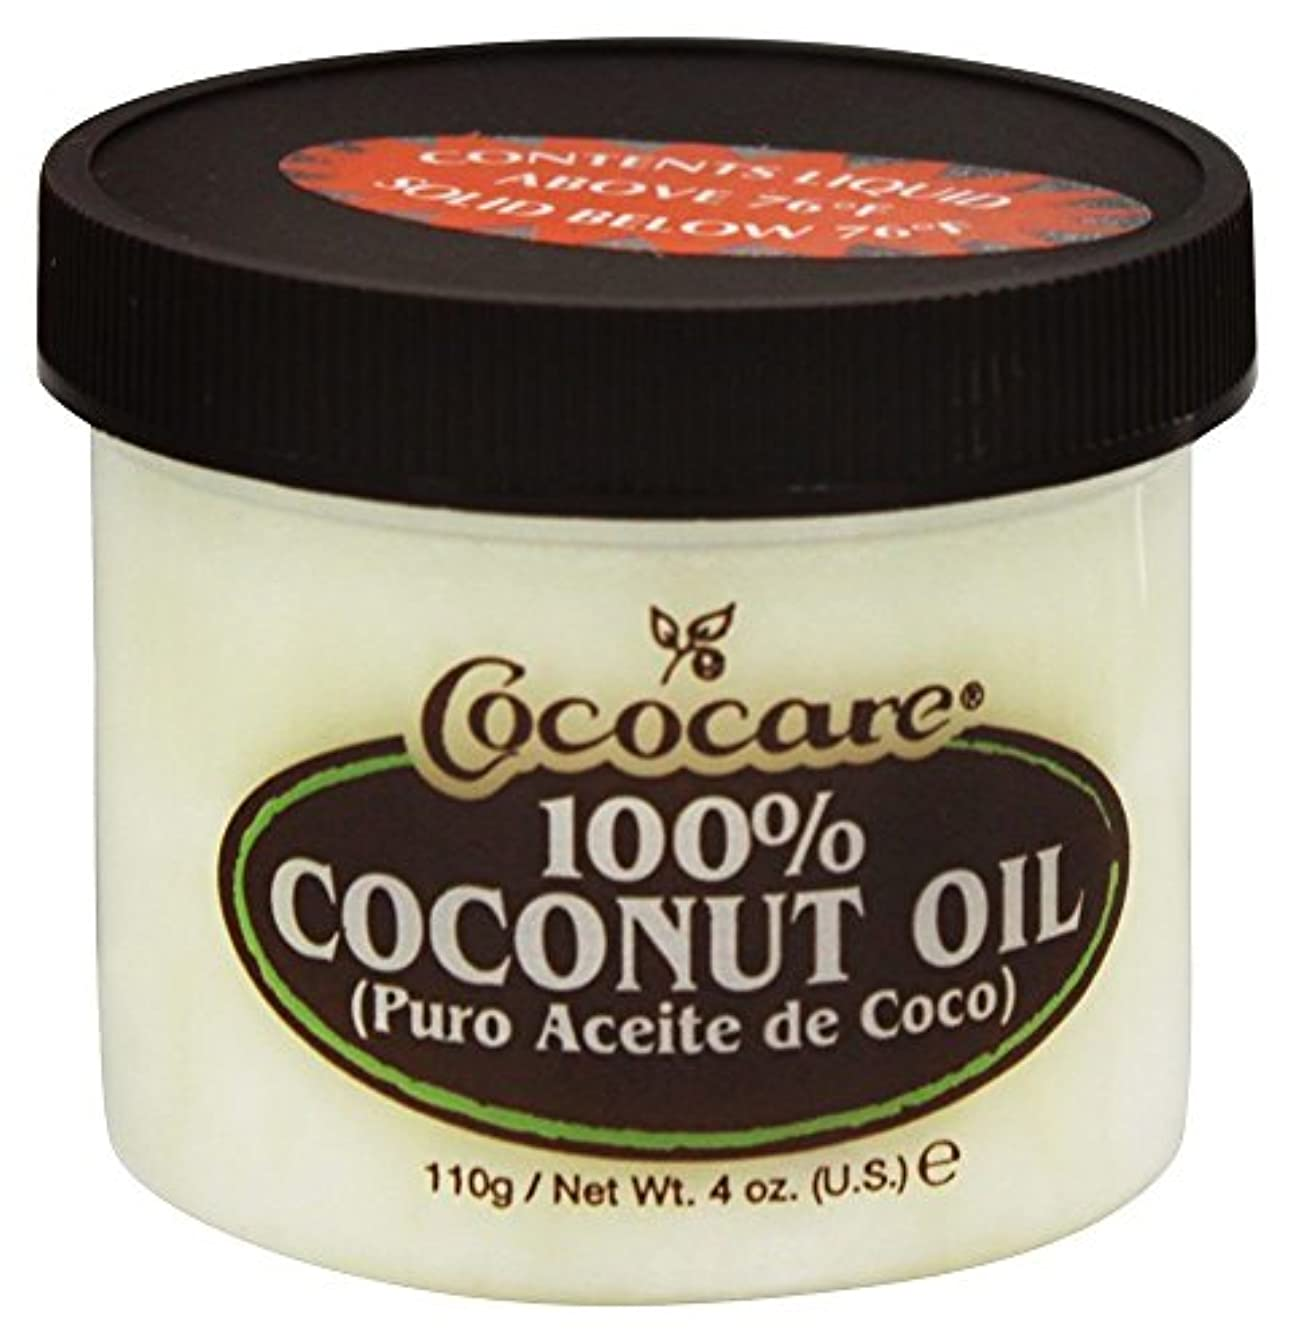 謎死にかけている道路Cococare - 100% ココナッツ オイル - 4ポンド [並行輸入品]